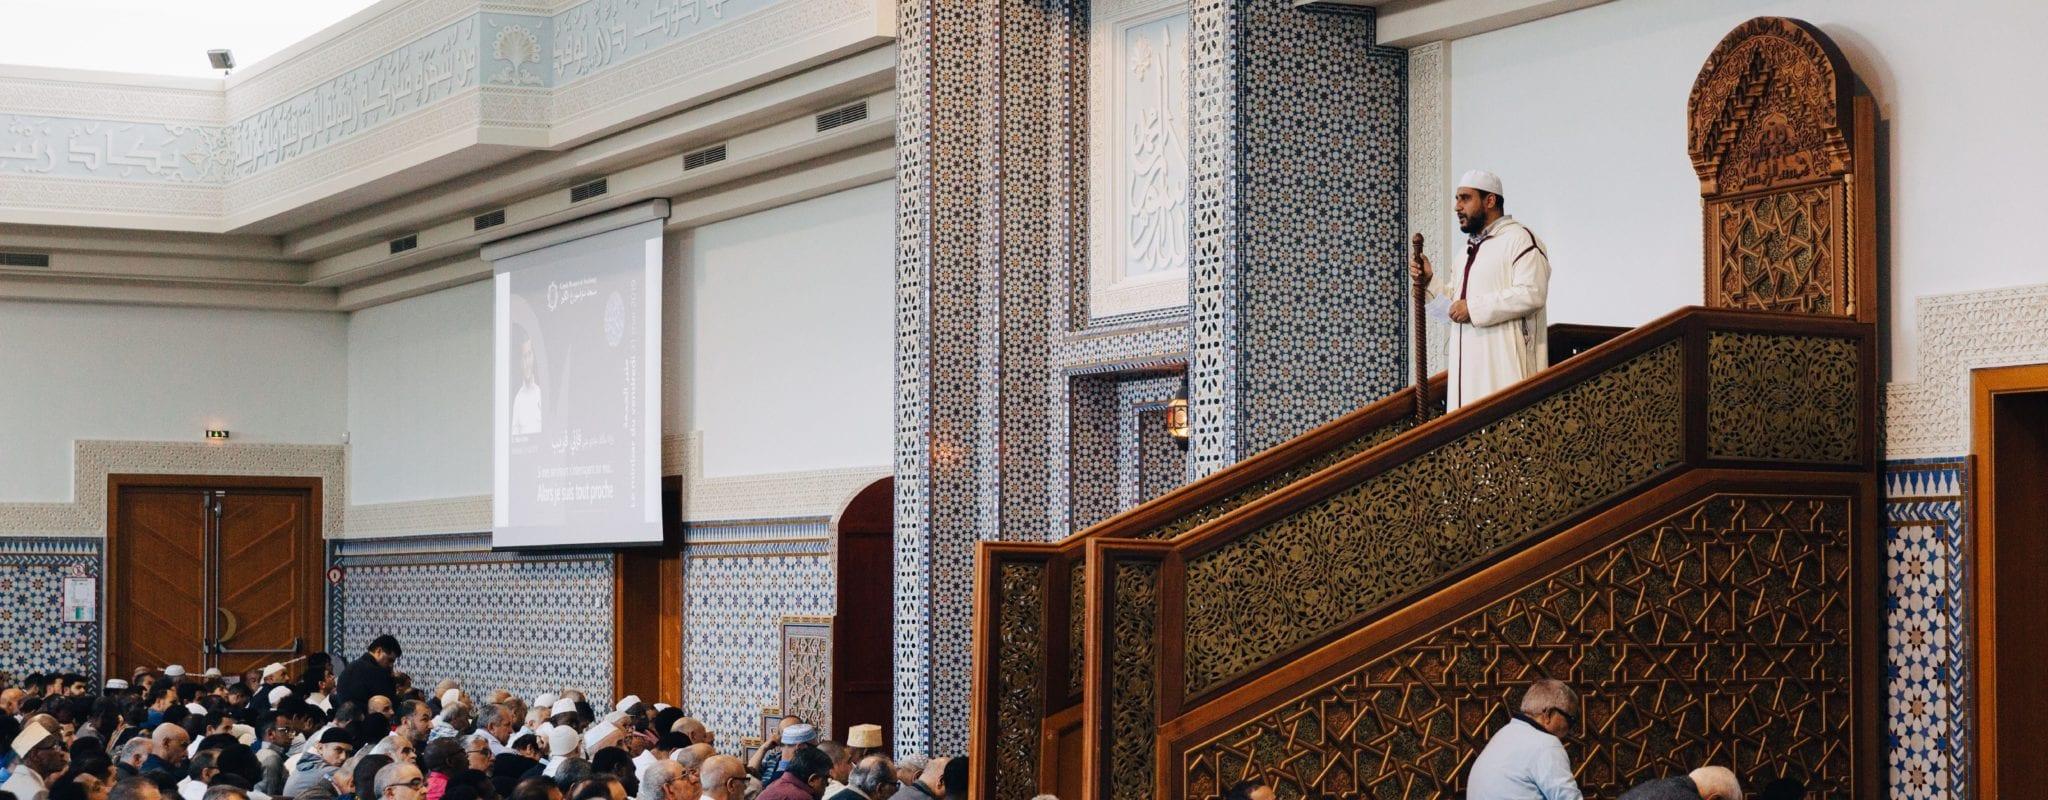 Découvrir l'Islam à l'occasion de l'inauguration de la Grande mosquée de Strasbourg